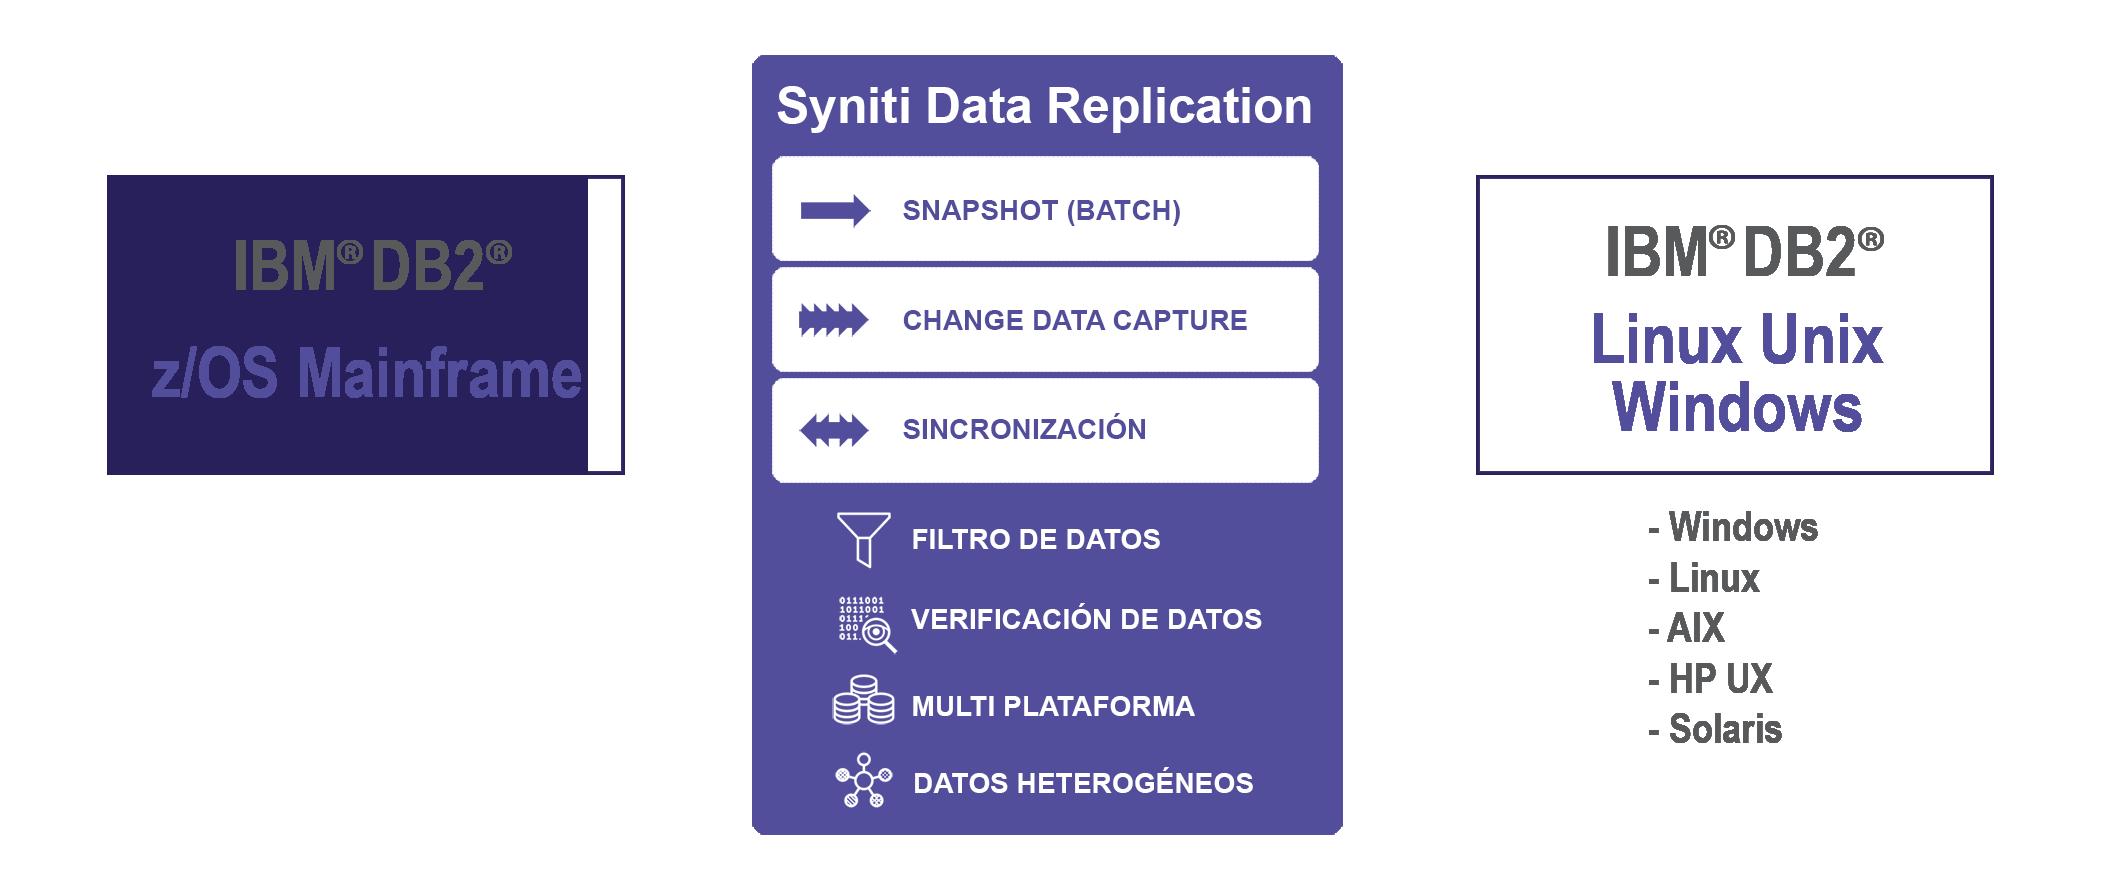 Replicación de datos IBM DB2 zSystem a DB2/LUW en tiempo real